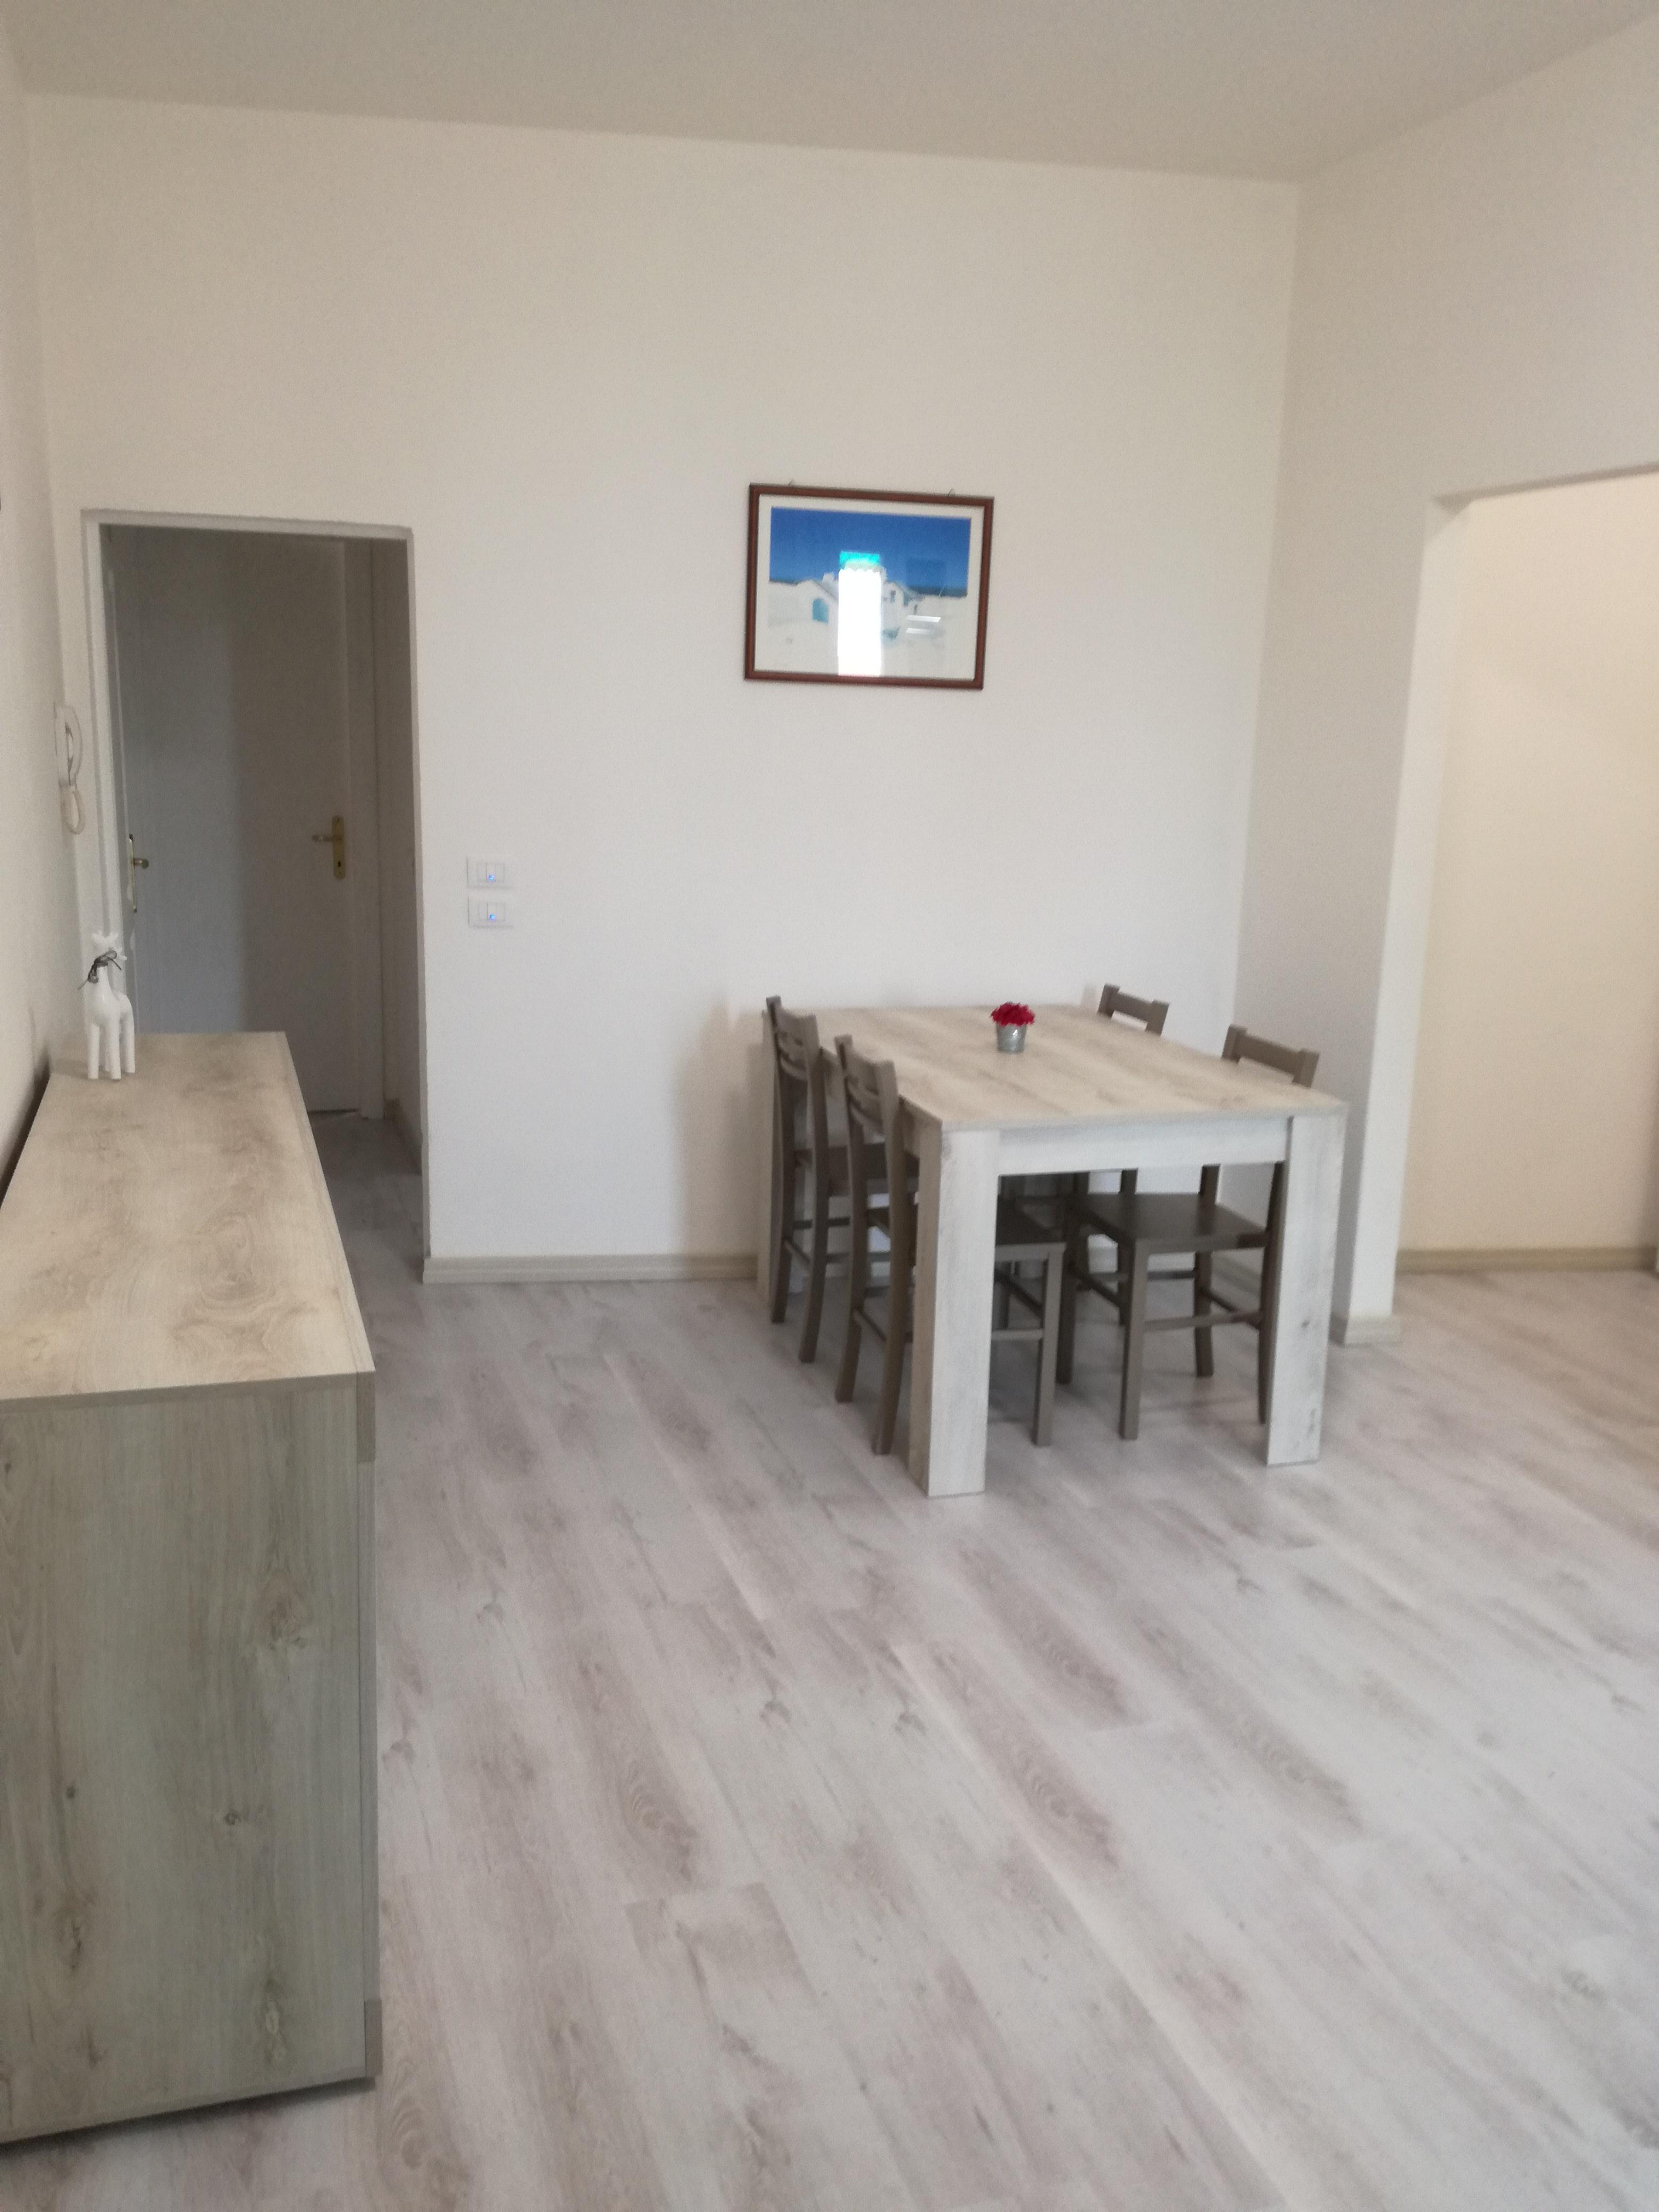 Appartamento arredato per affitti brevi a Forlì